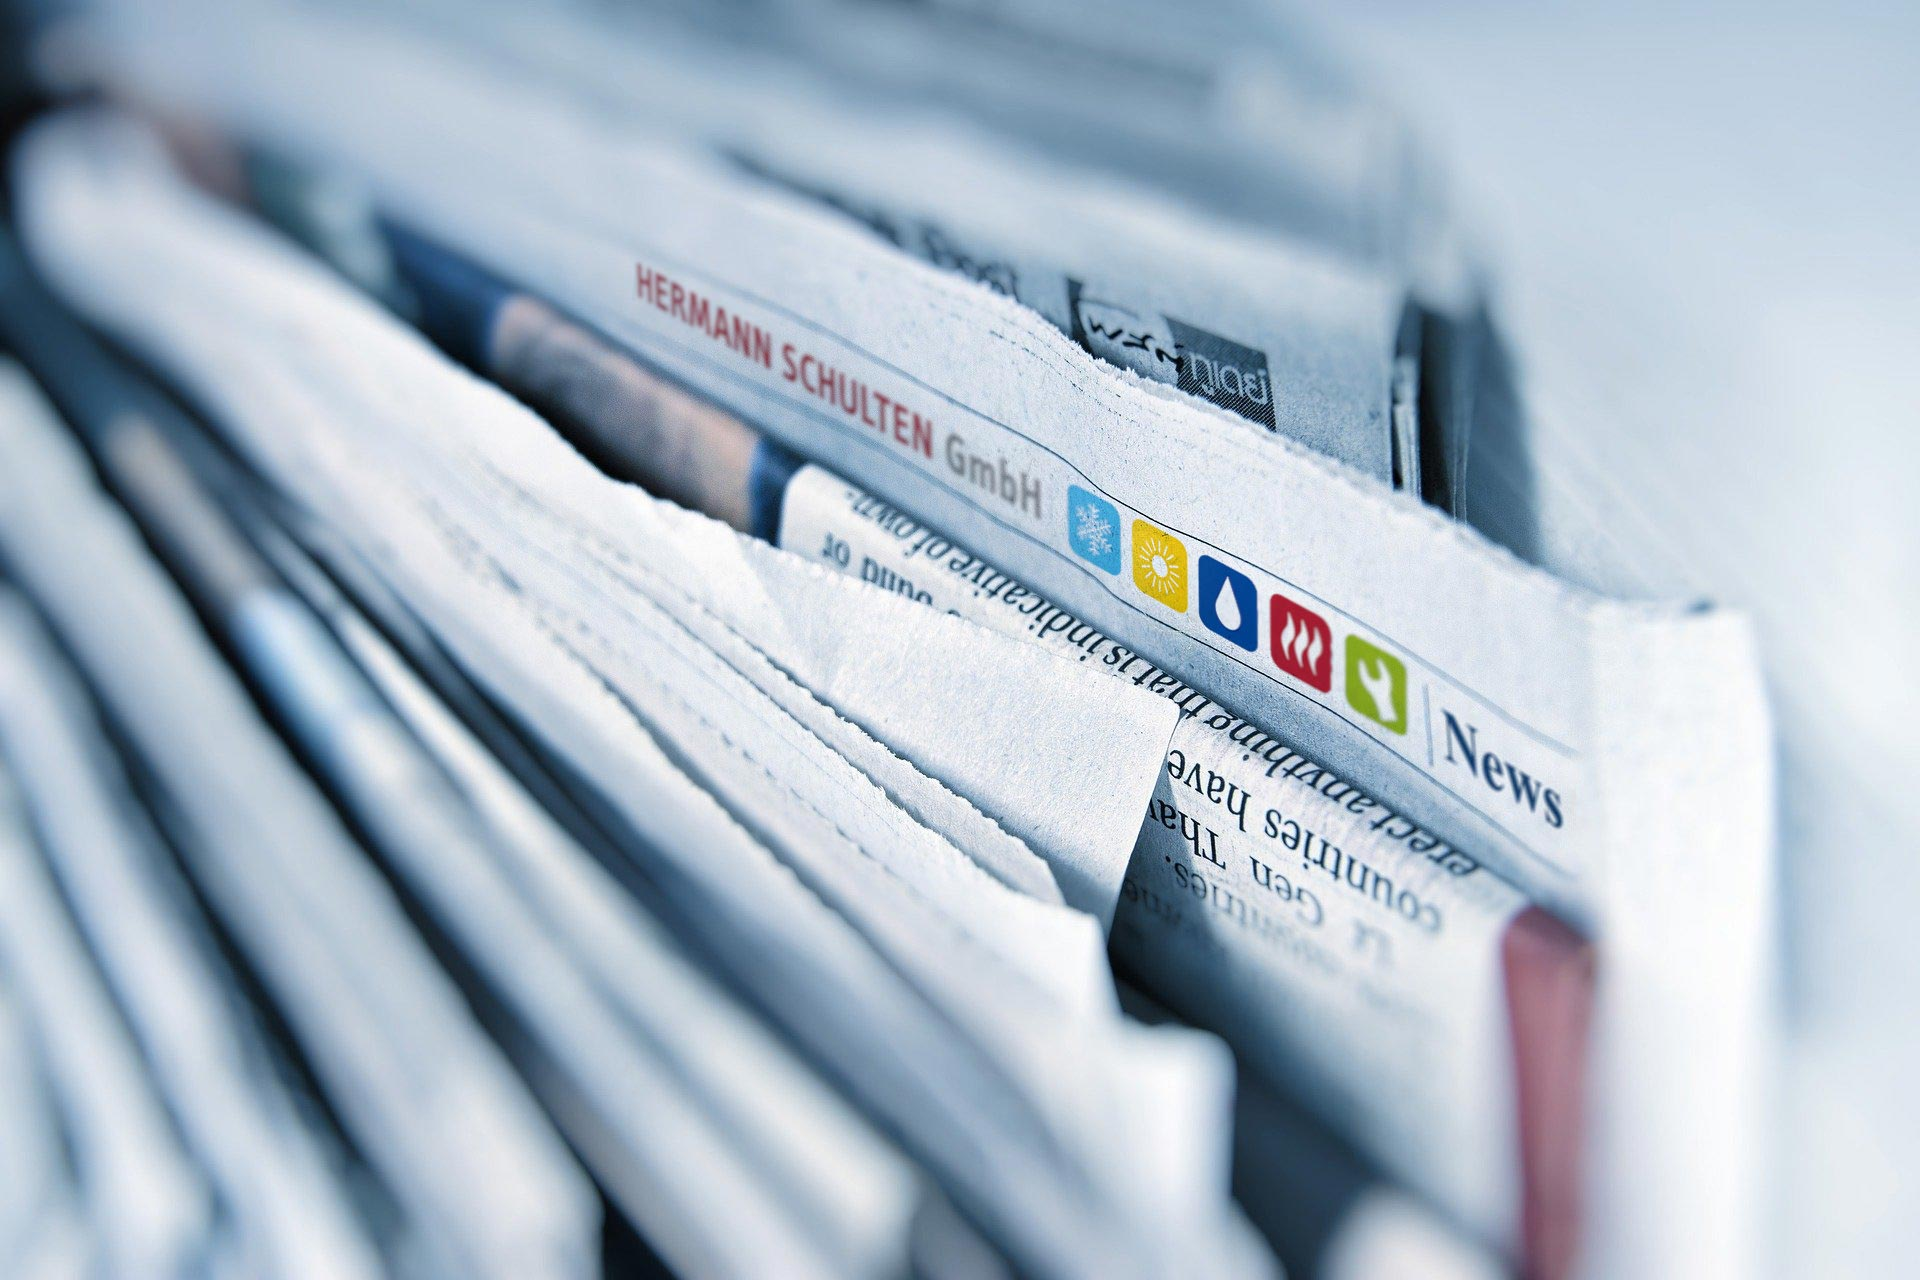 Hermann Schulten GmbH: News